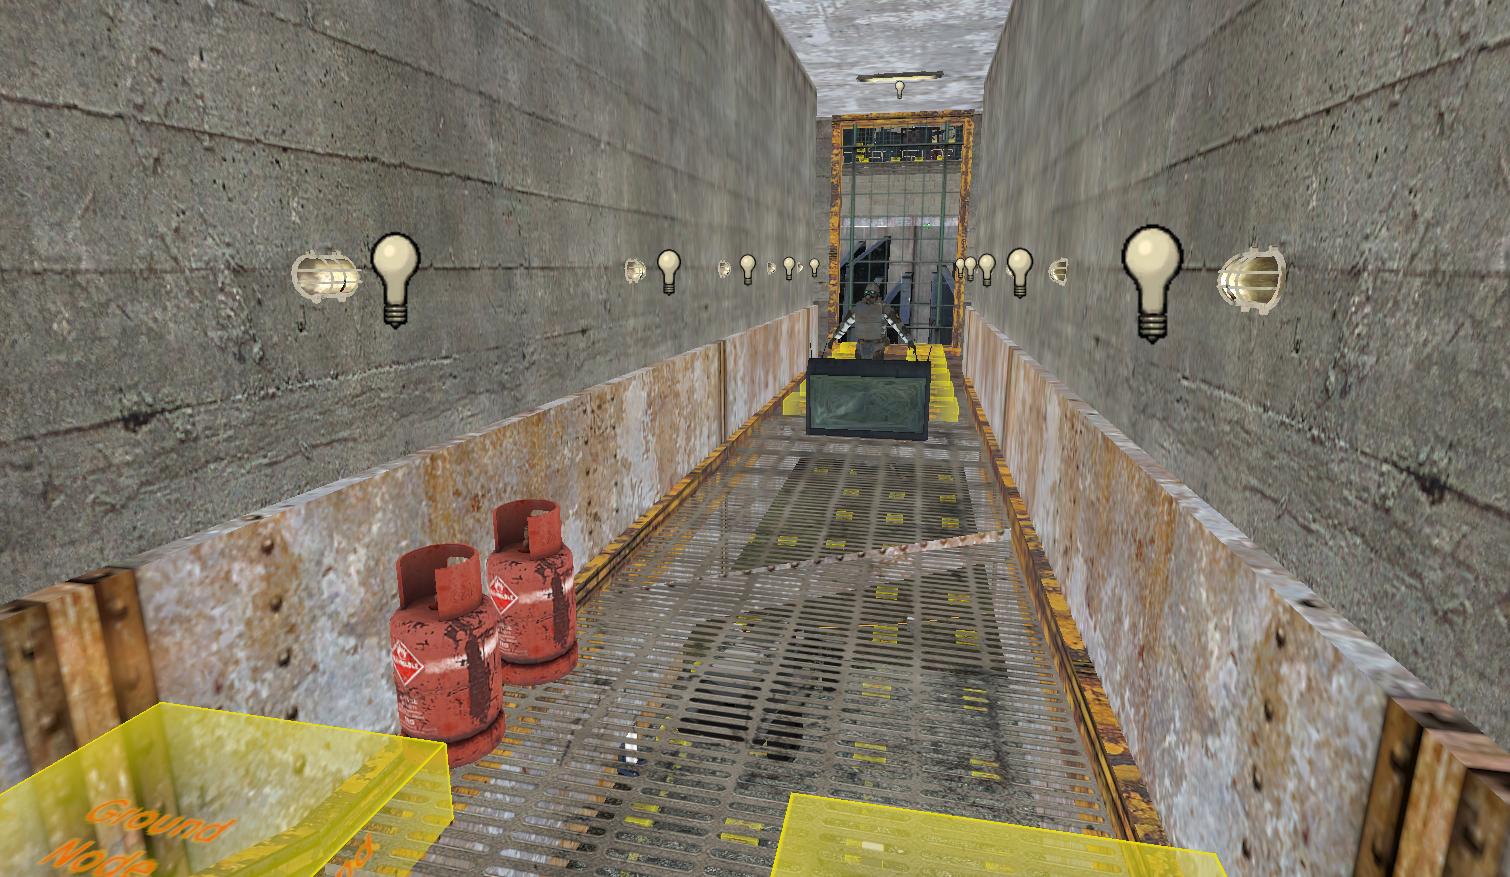 D-3: Inside the Prison Walls (cont.)